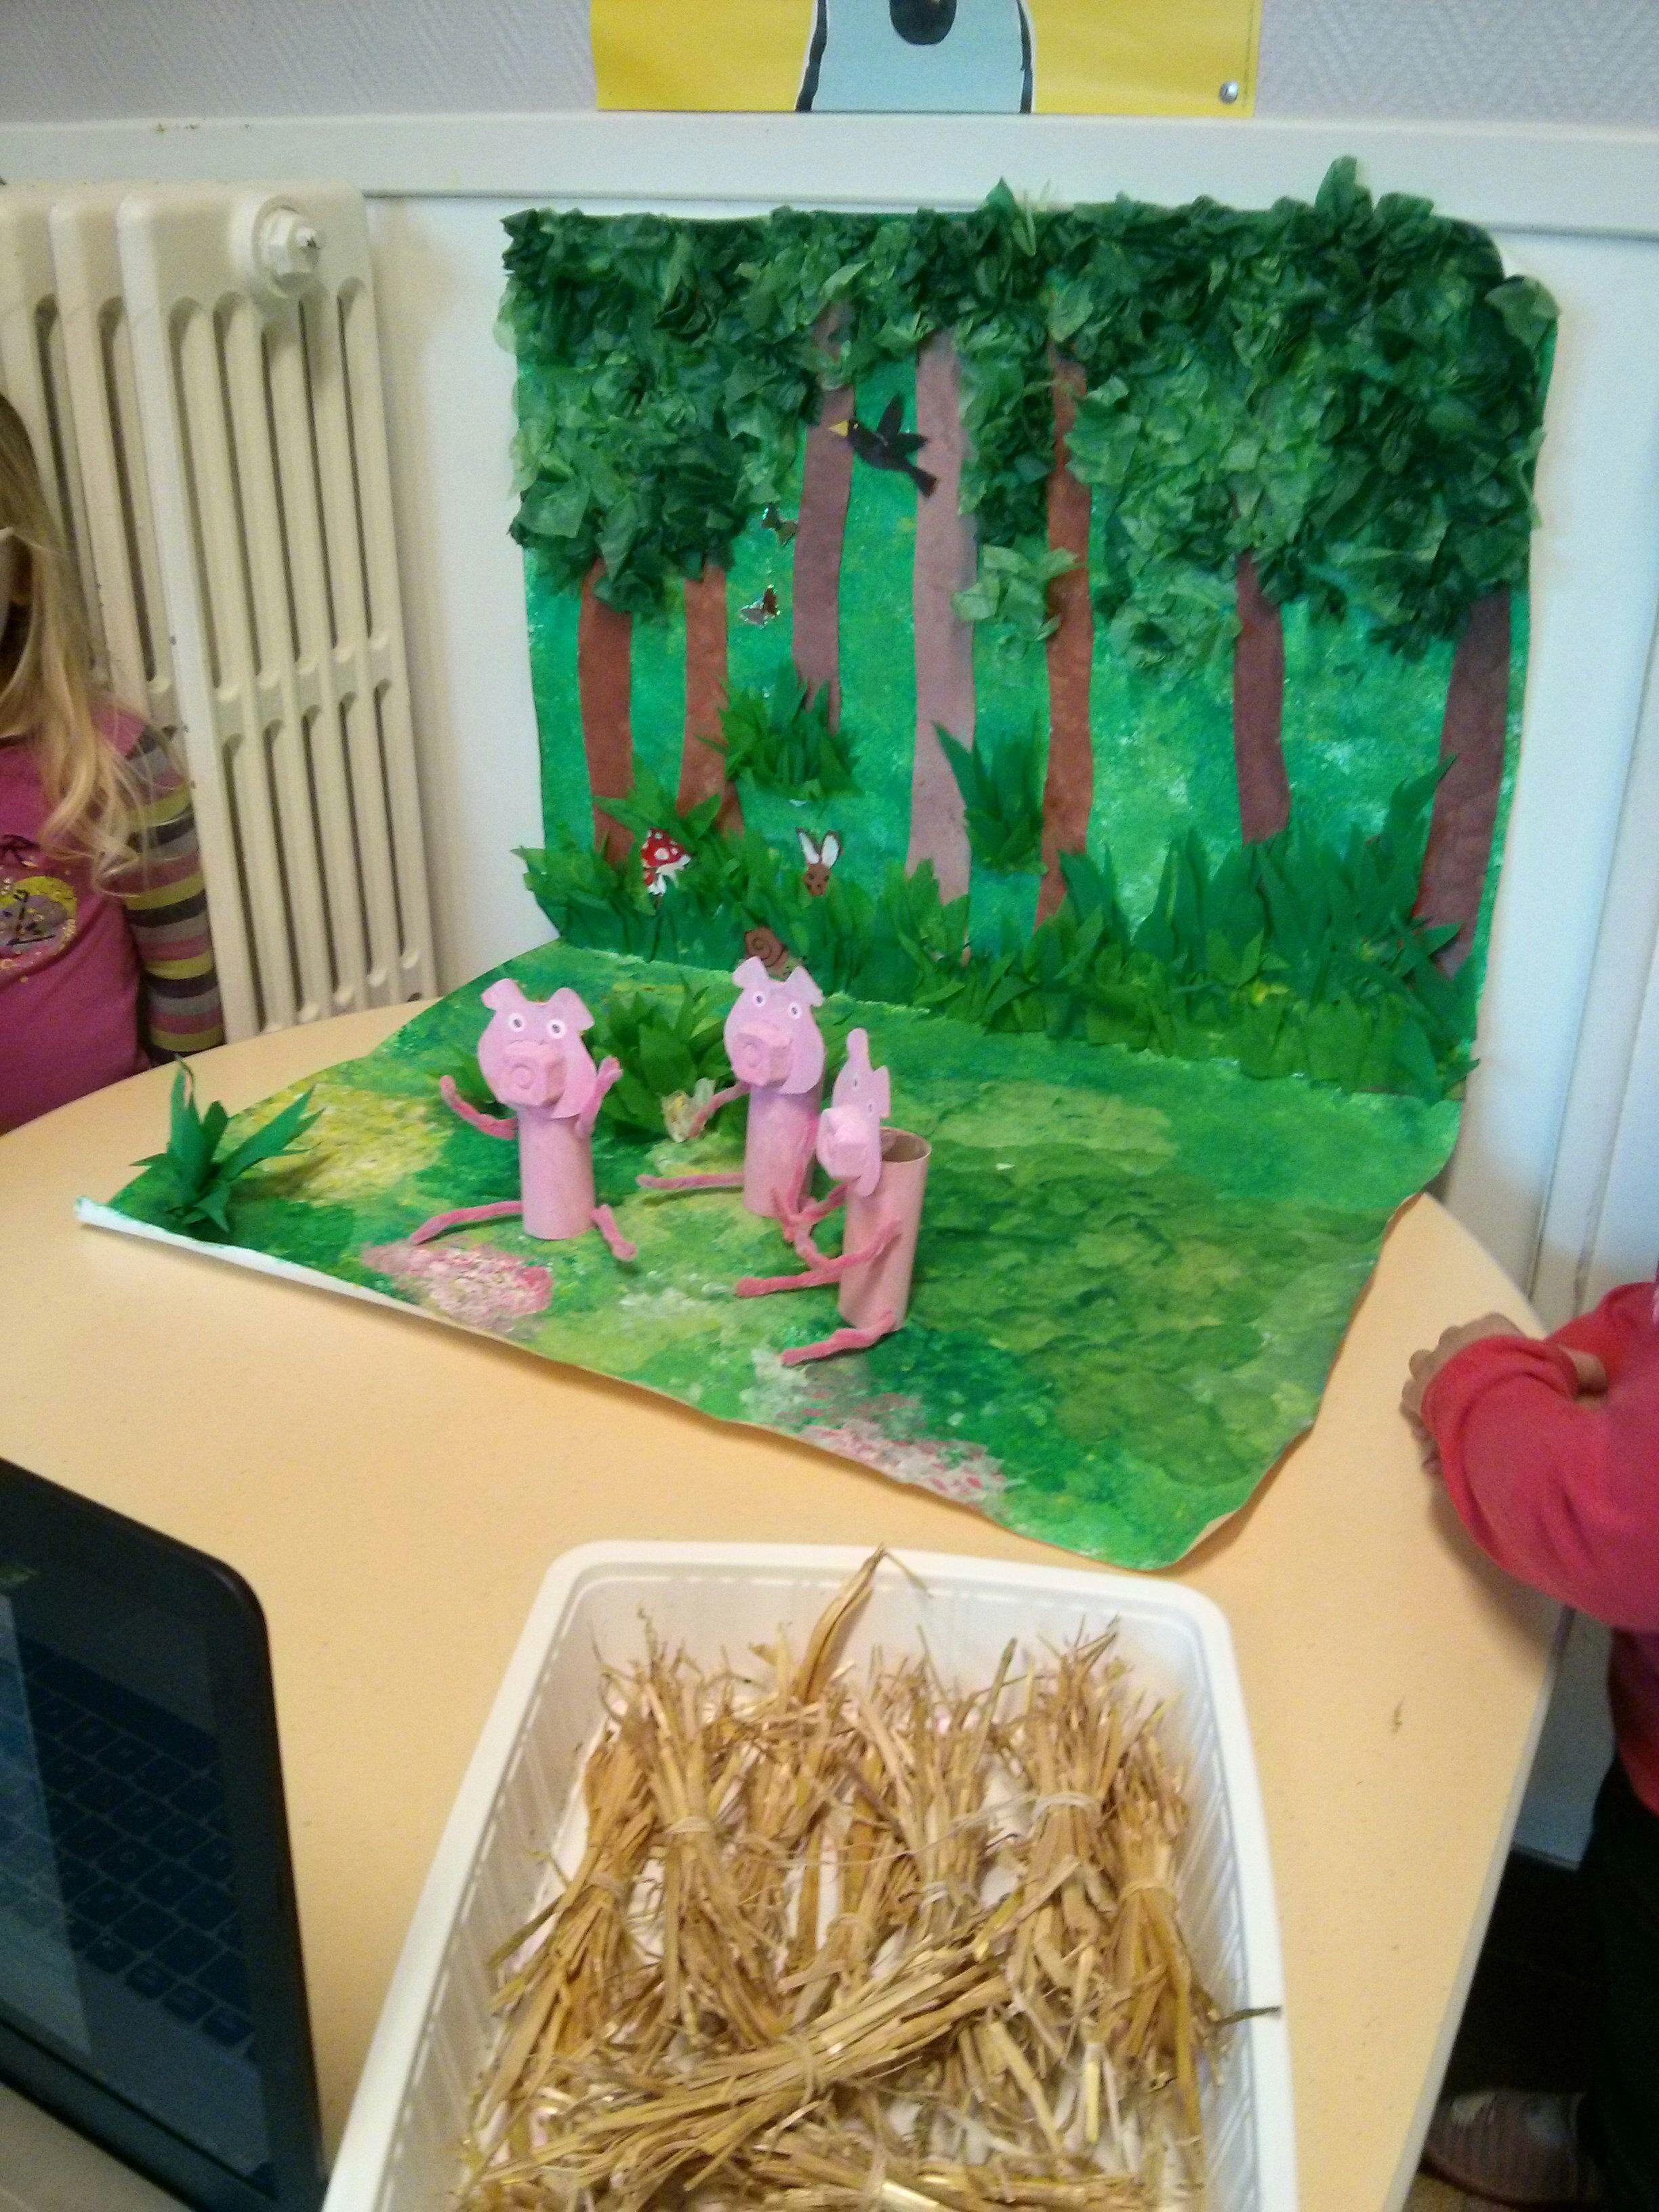 Films extraits vid os les trois petits cochons plusieurs dessins anim s theme loup les 3 - Dessin anime les 3 petit cochons ...